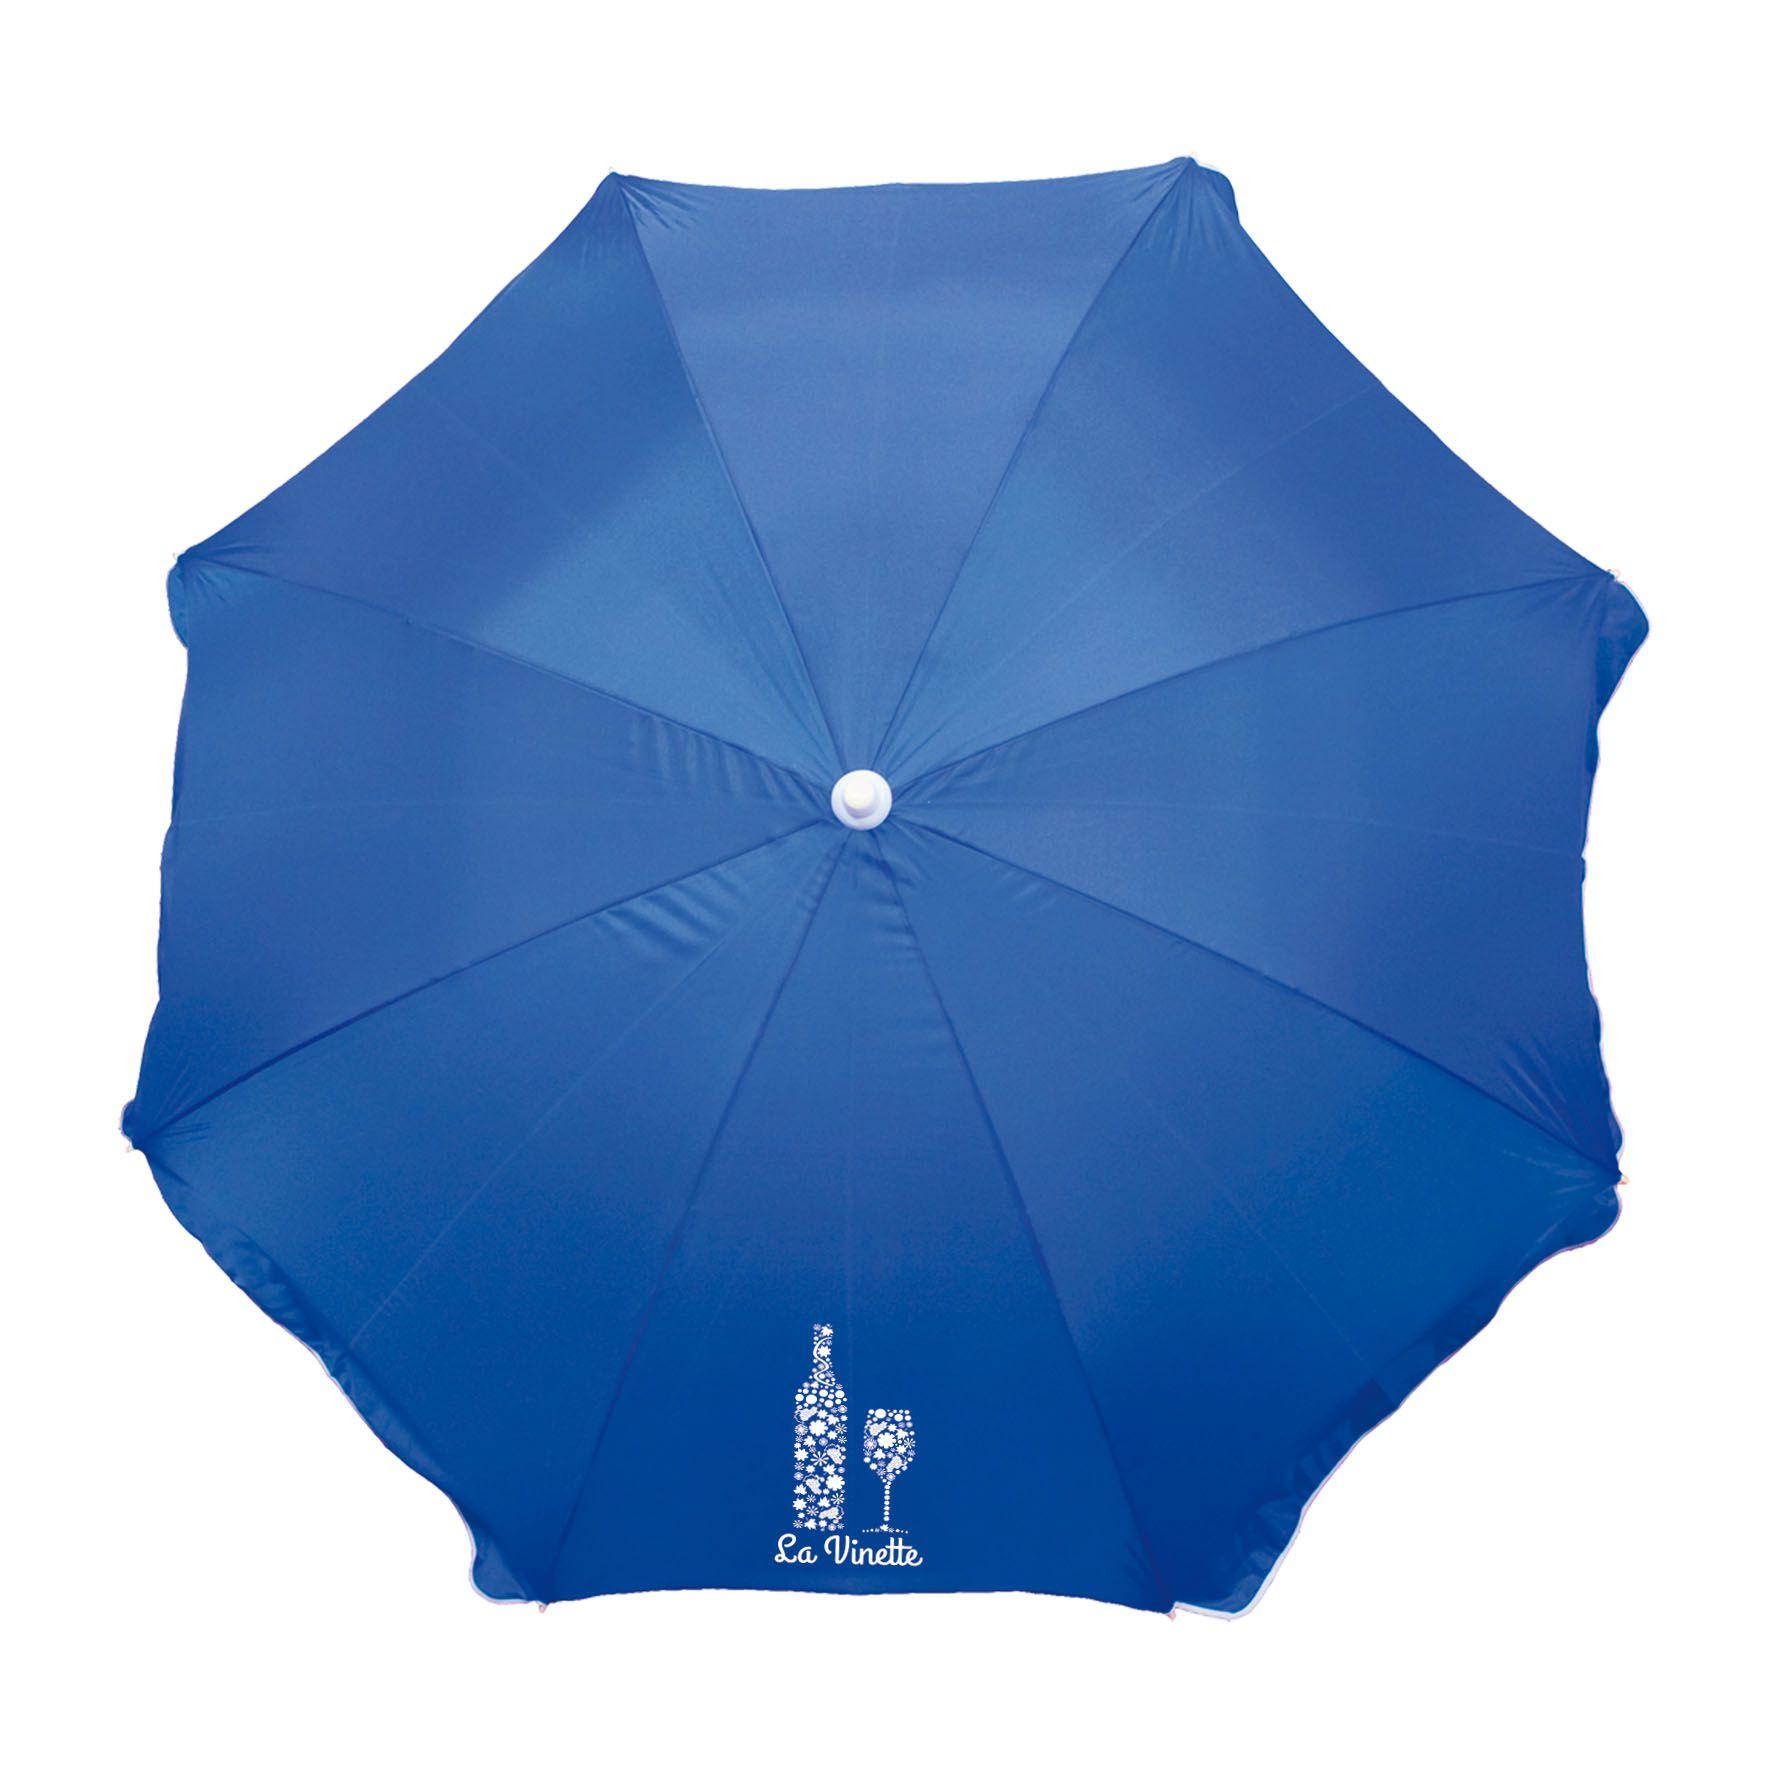 Cadeau promotionnel - Parasol publicitaire Plein Soleil - blanc